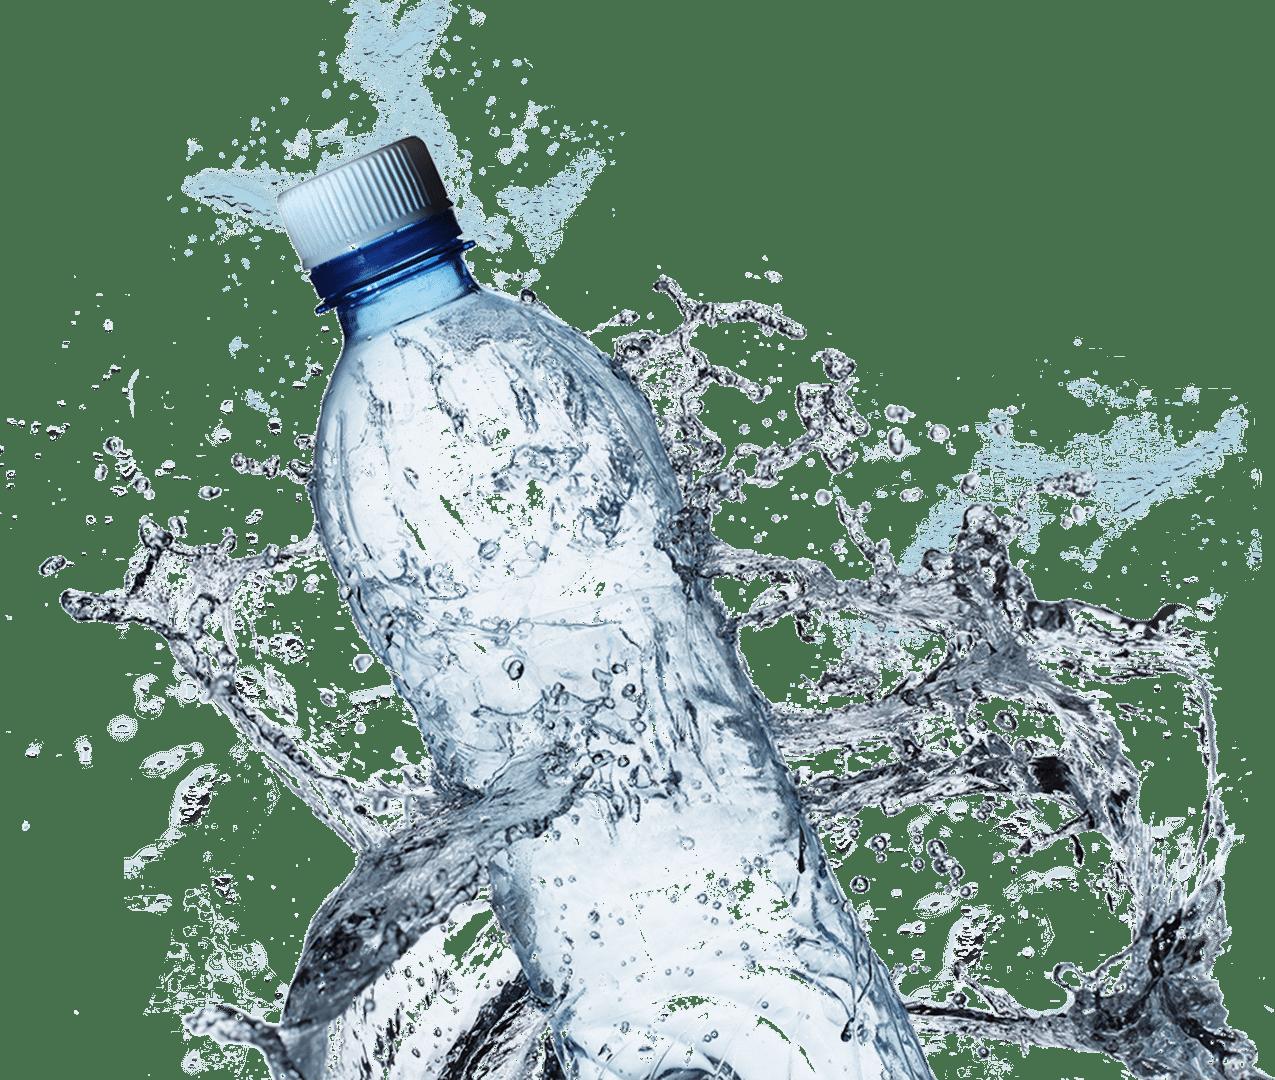 Sortiment trinkgut - trinkgut Getränkemarkt Dülmen Coesfeld Datteln